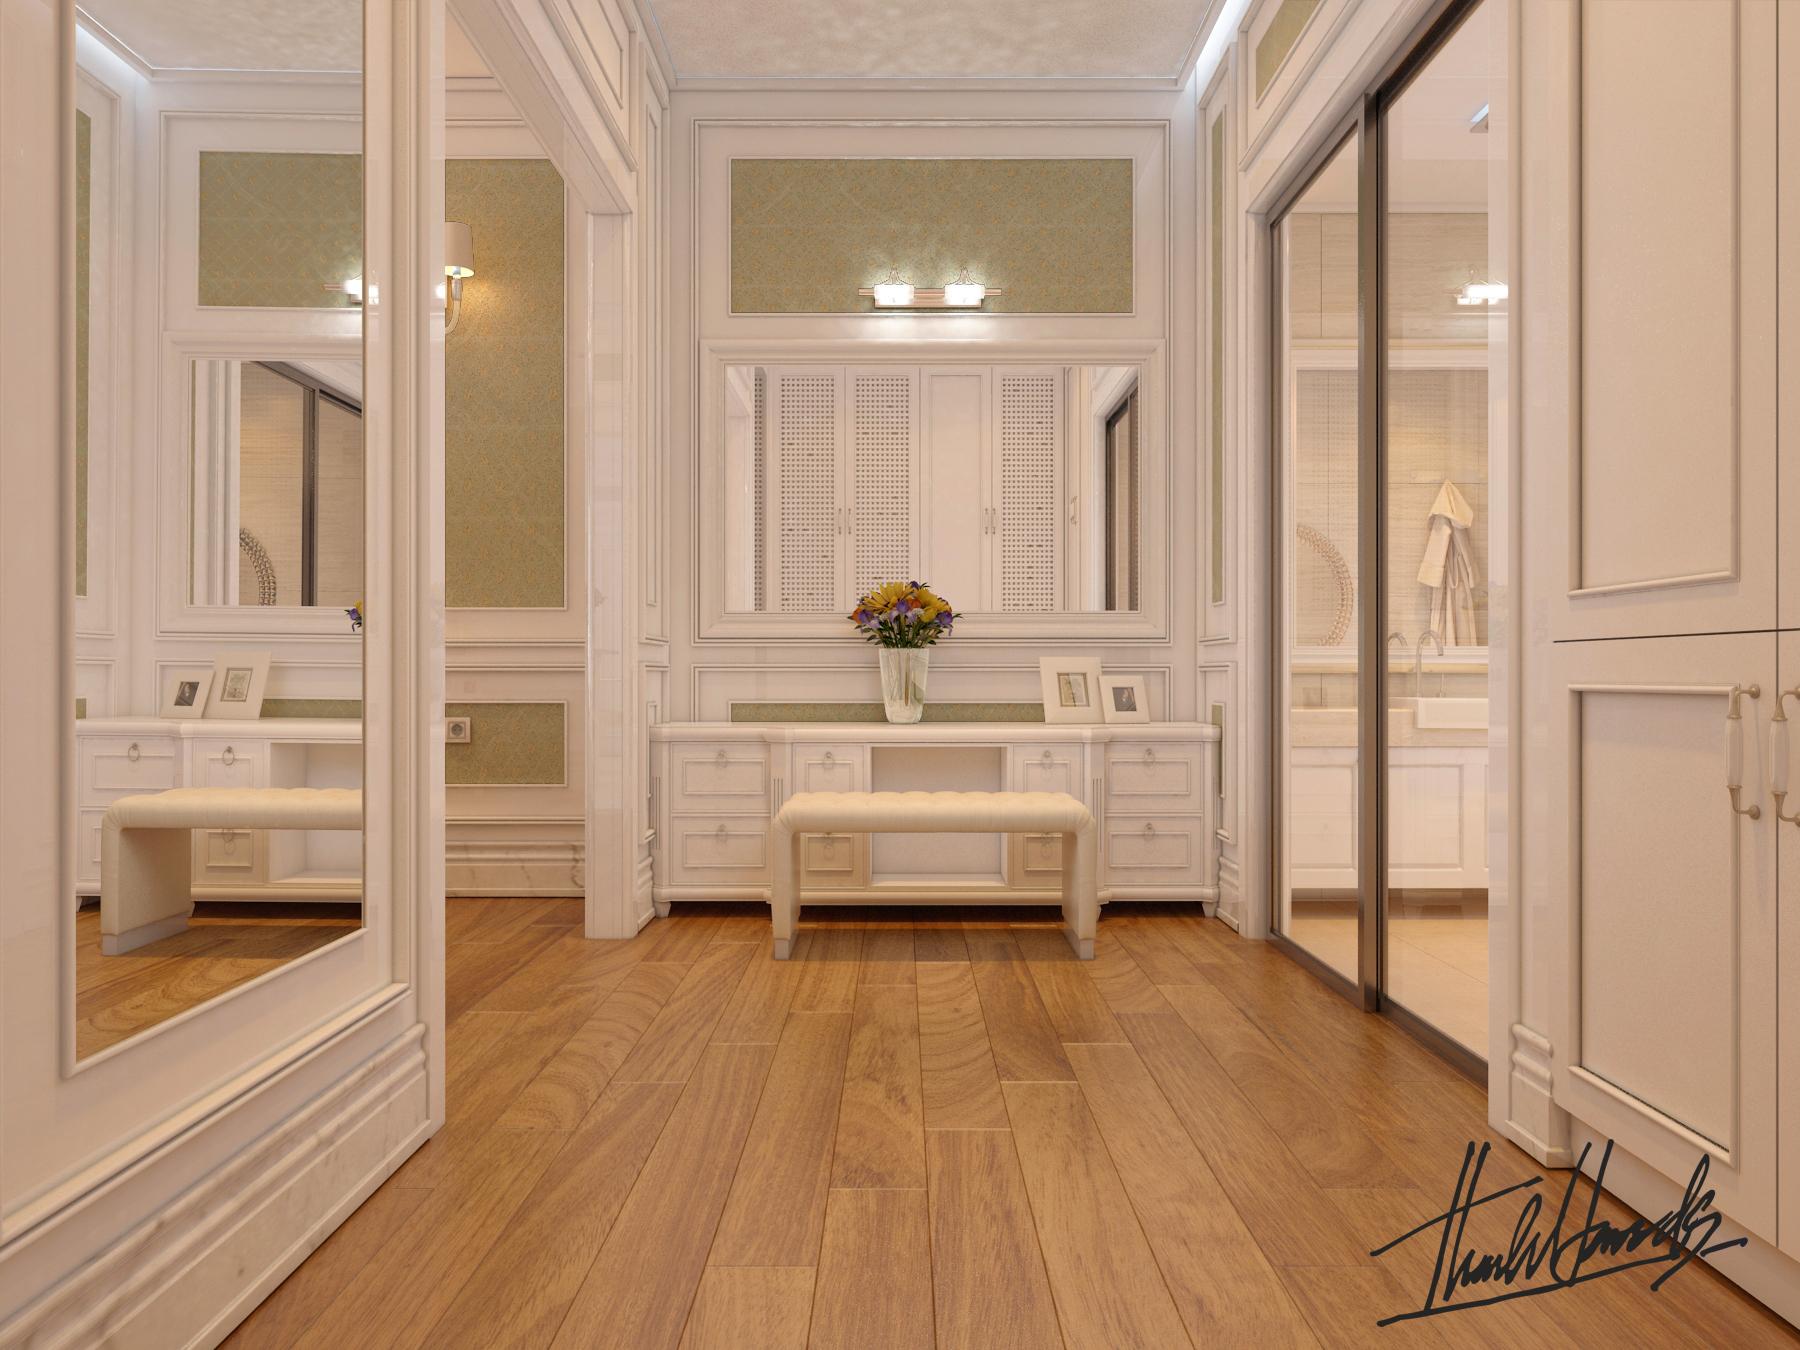 thiết kế nội thất chung cư tại Hà Nội chung cư trang an complex 11 1568277034